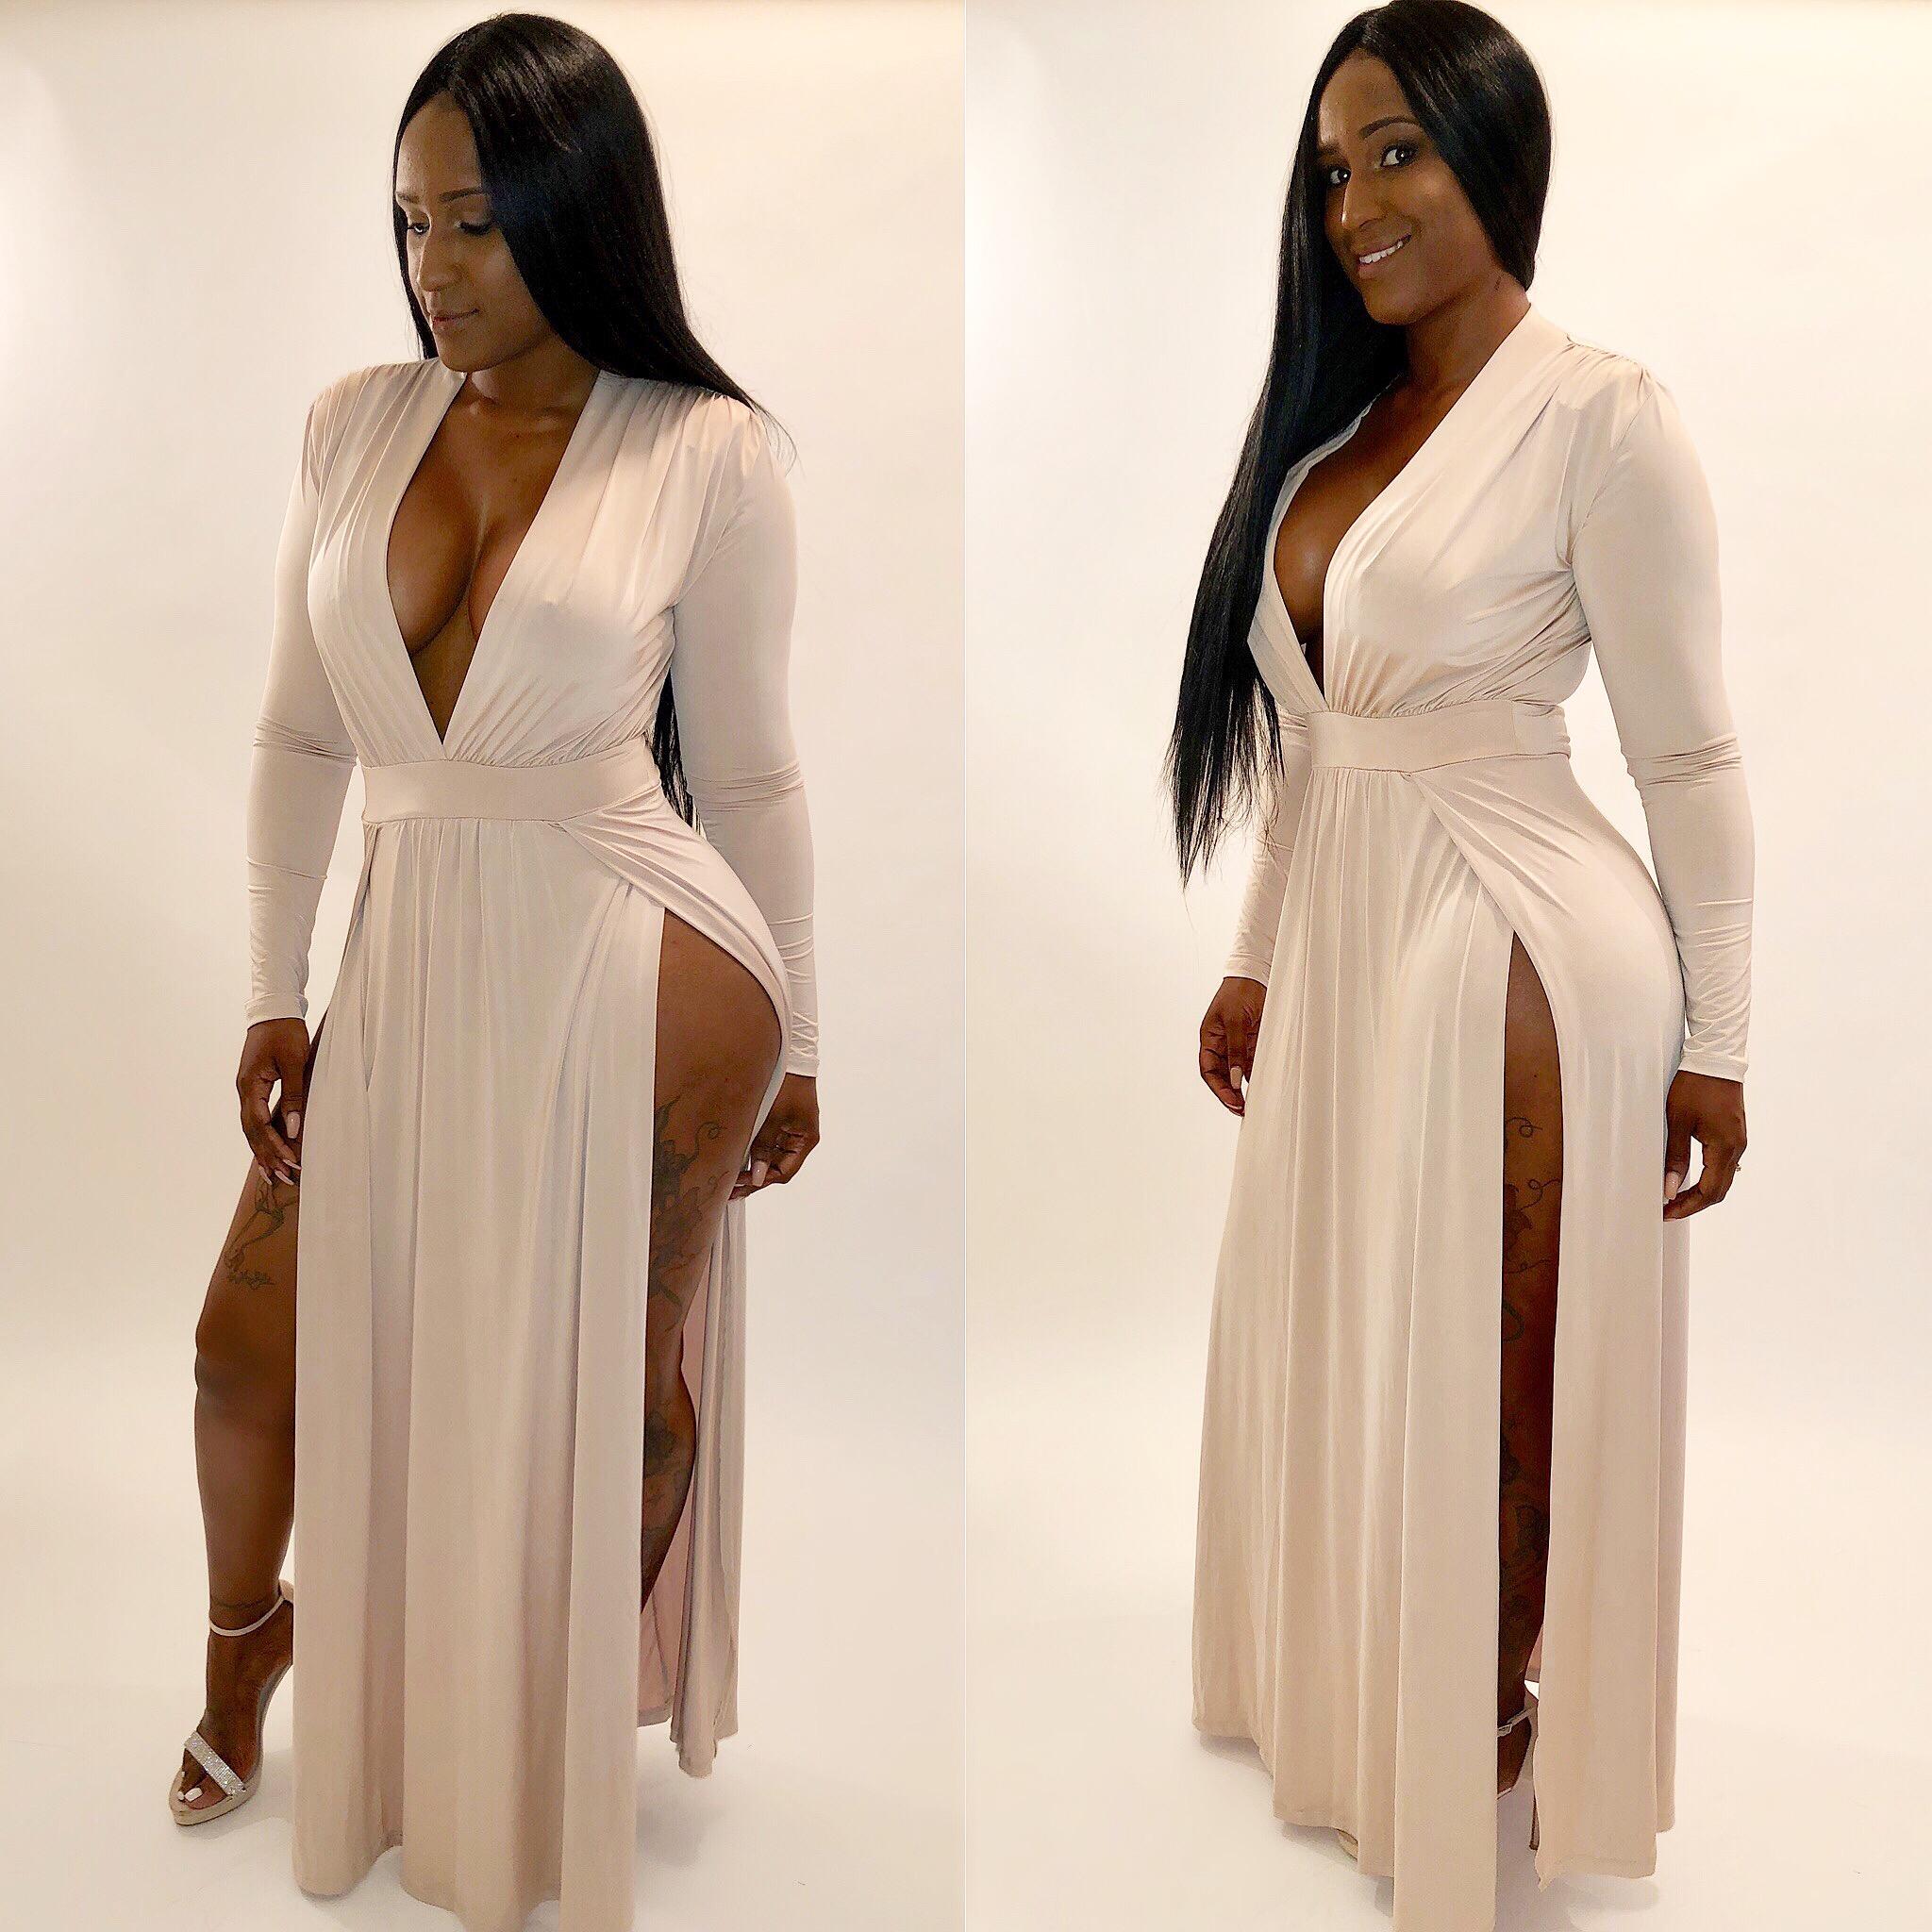 classy stretchy dress